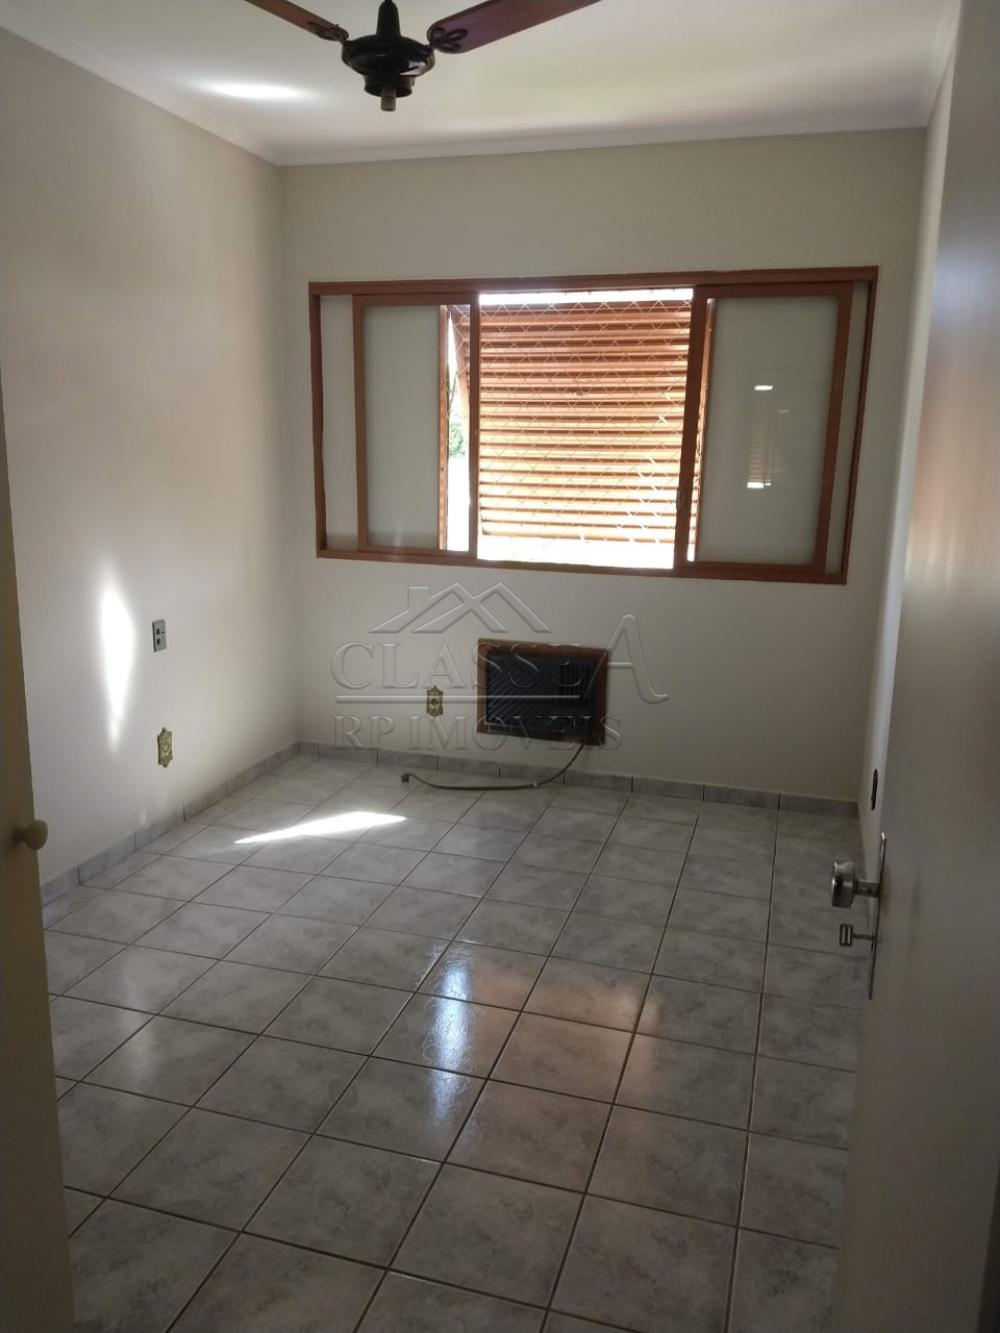 Comprar Apartamento / Padrão em Ribeirão Preto apenas R$ 210.000,00 - Foto 12